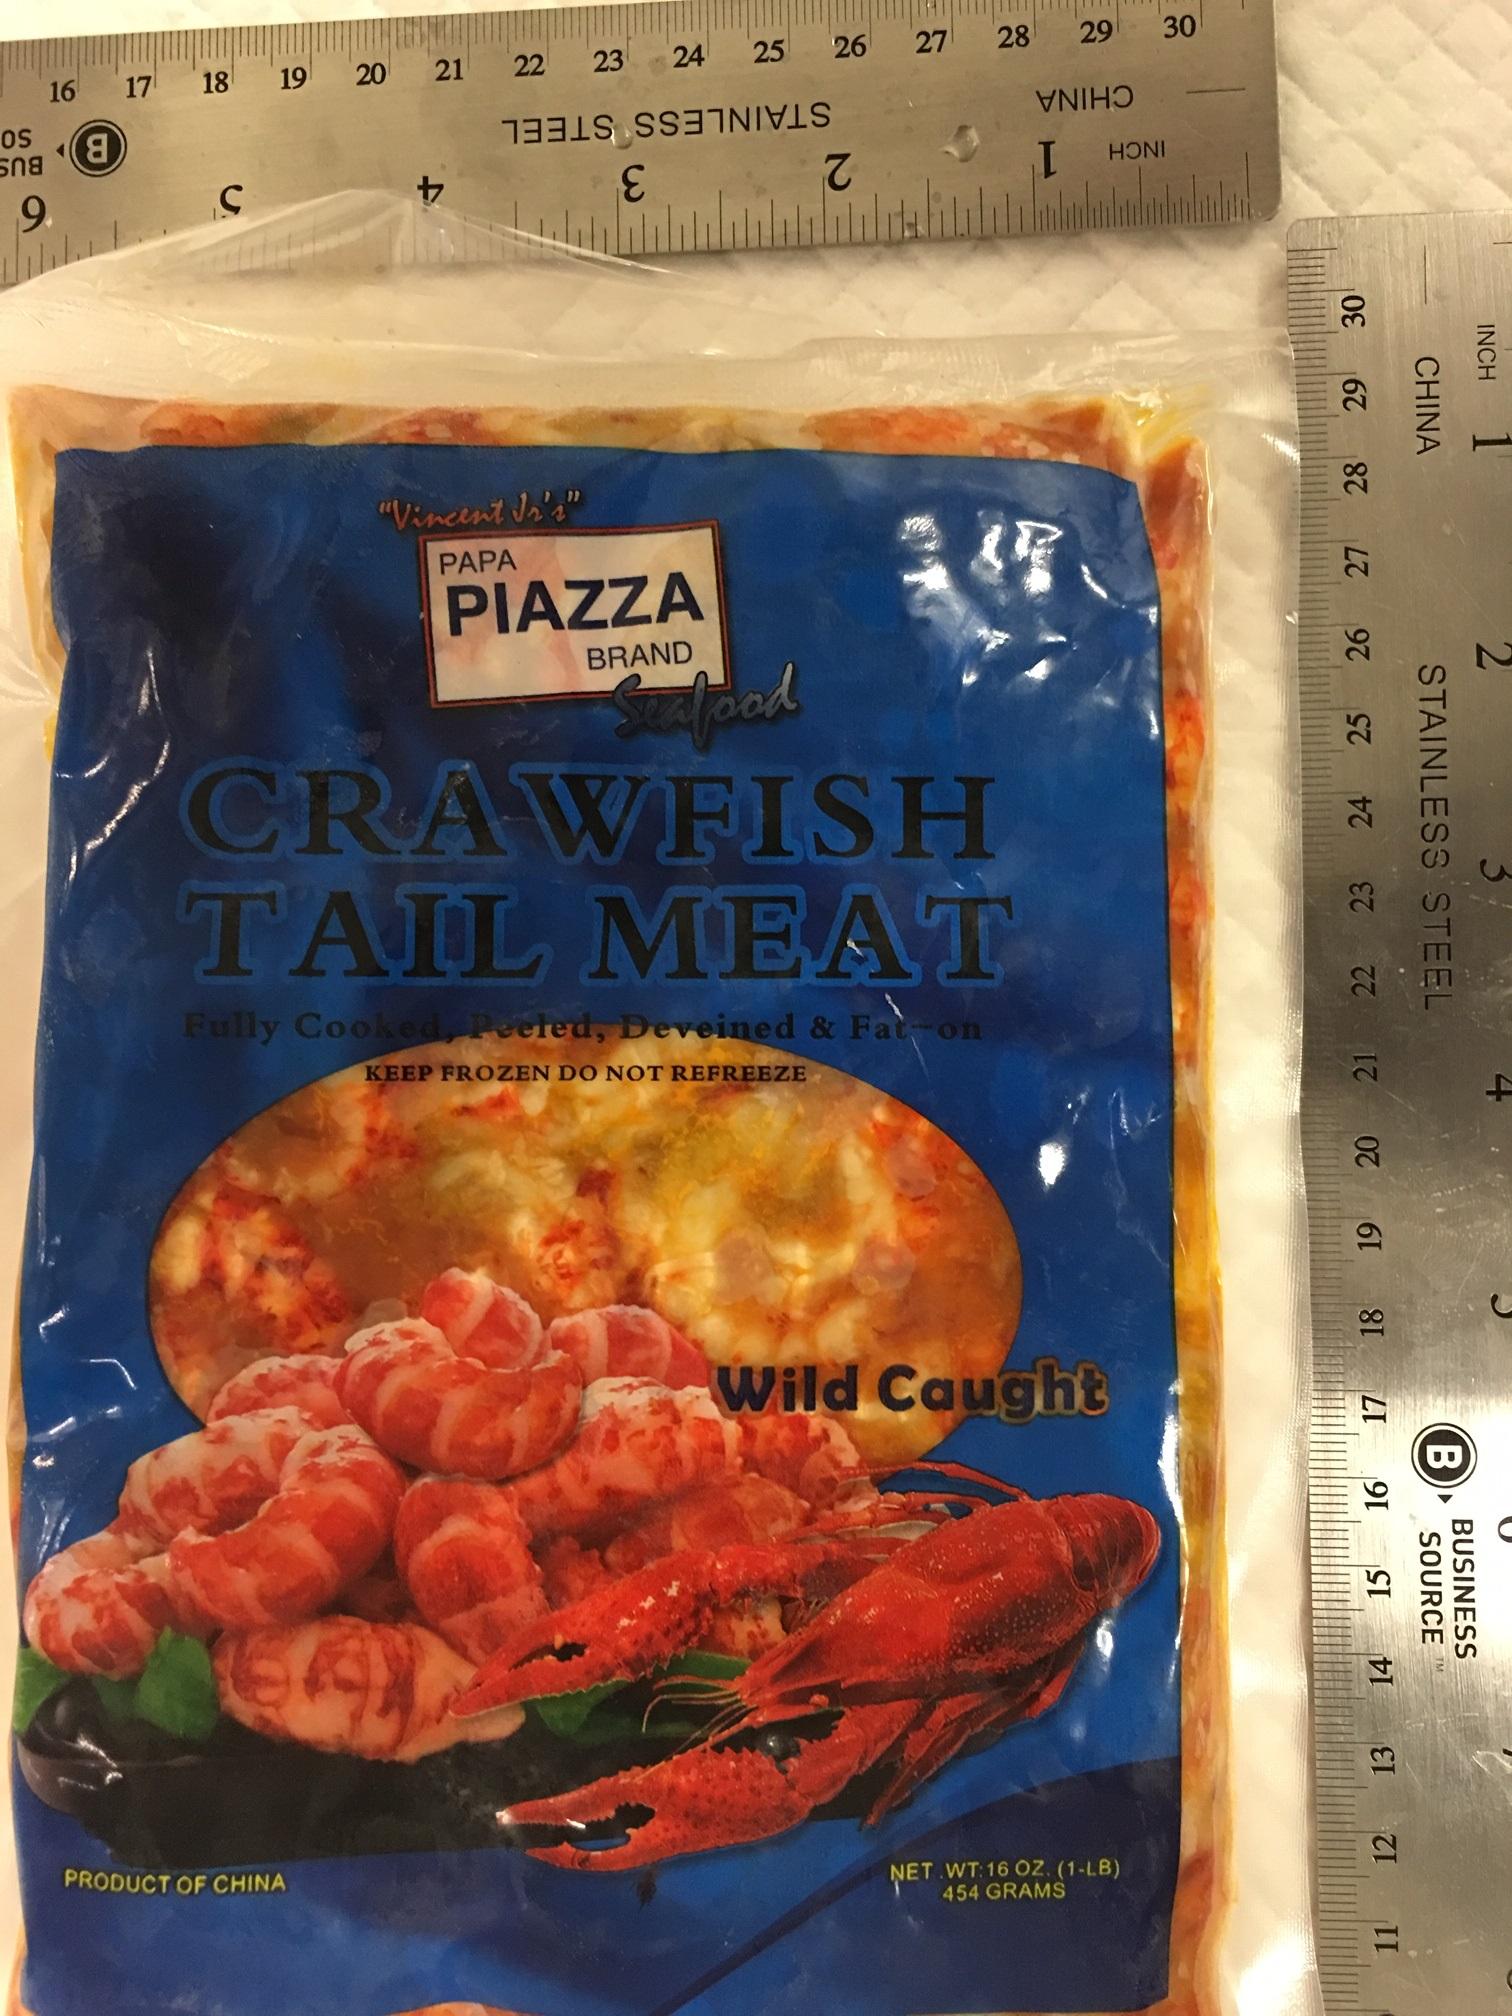 Crawfish - Tail Meat